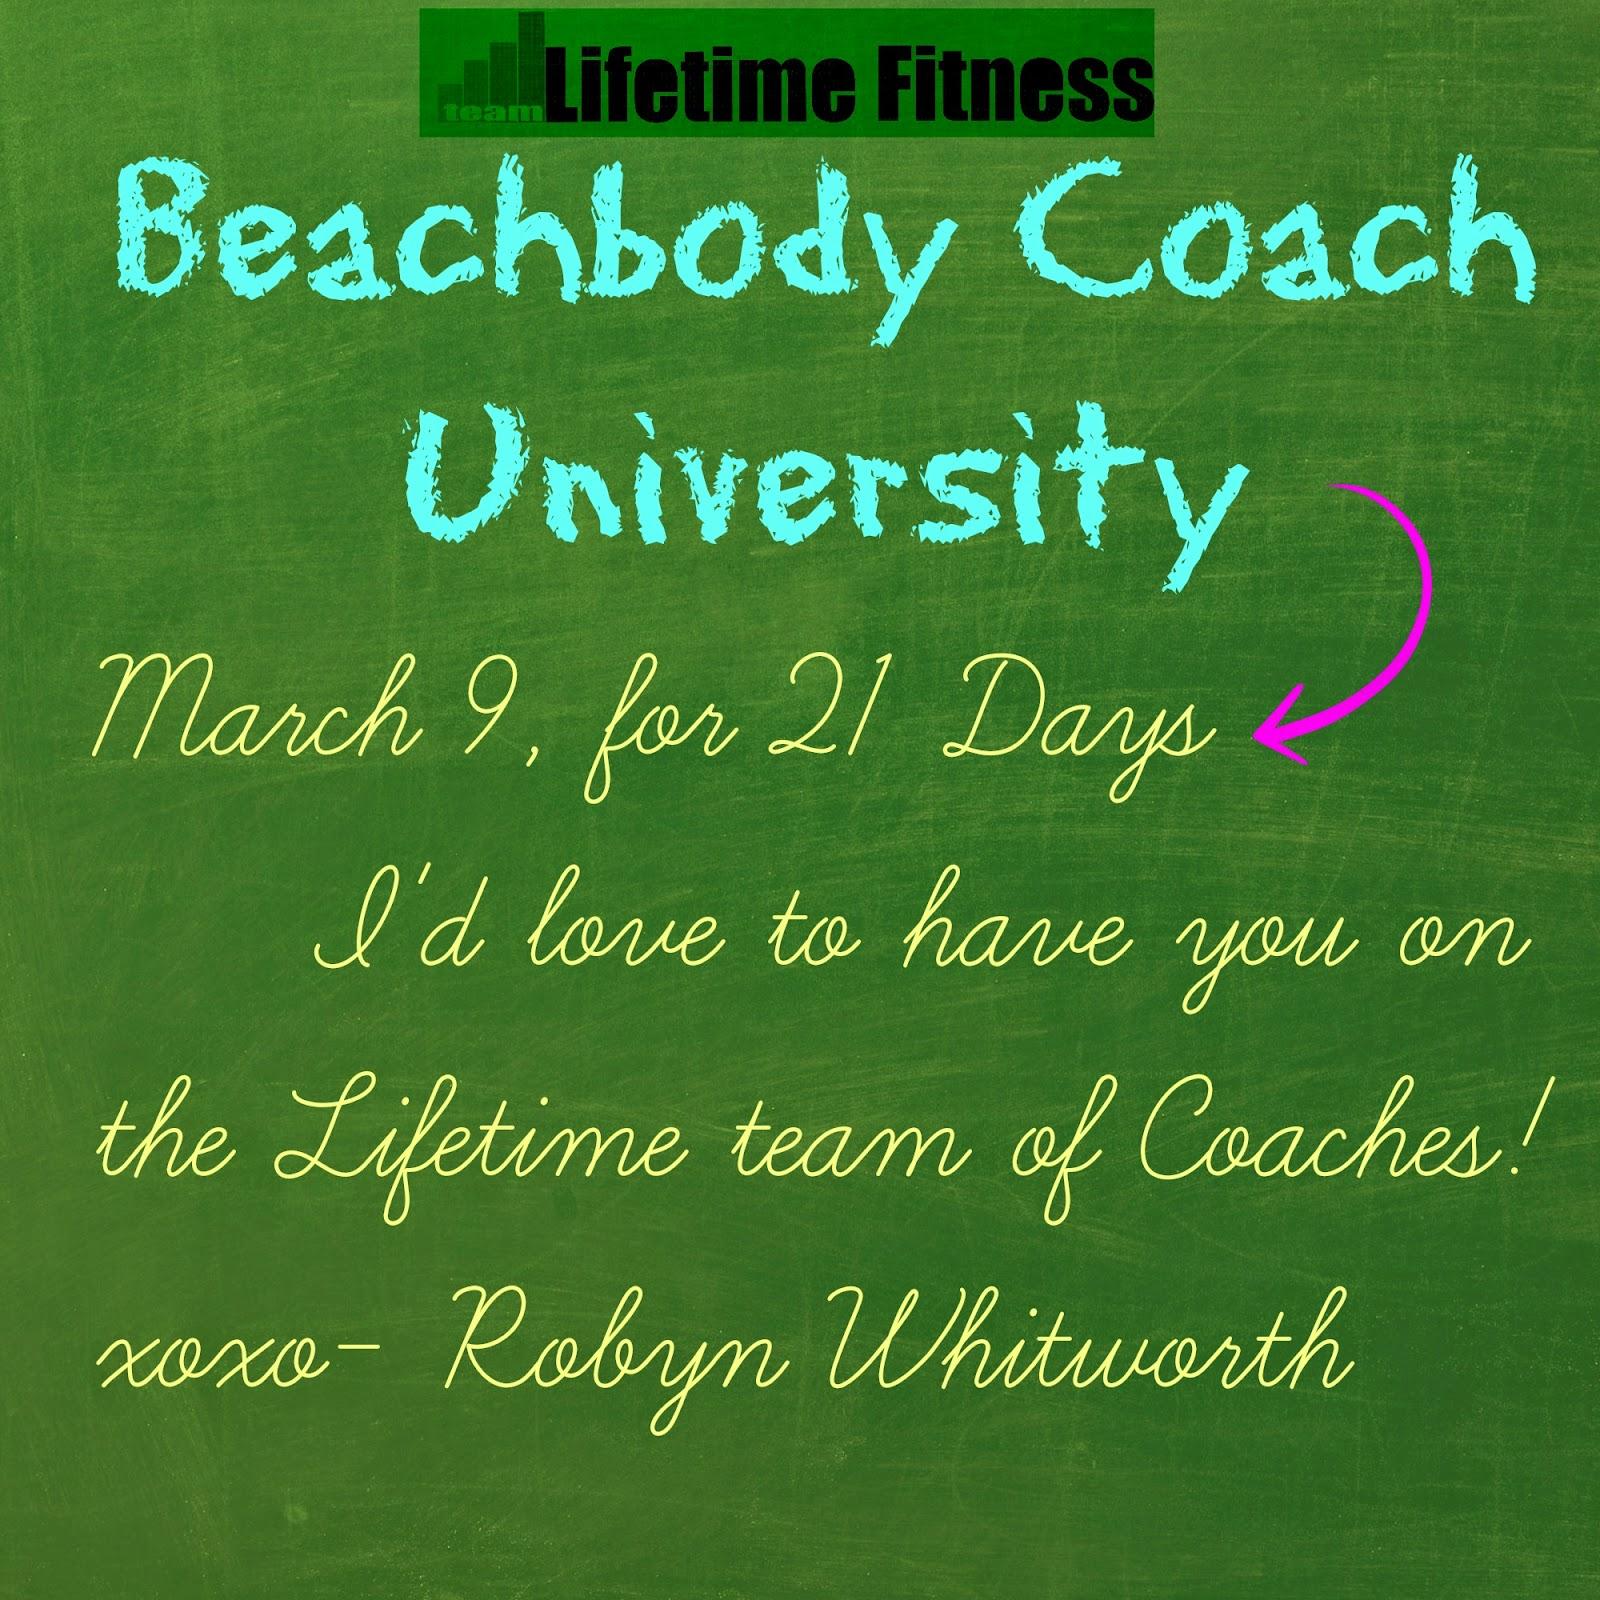 Robyn Whitworth beach body coach university